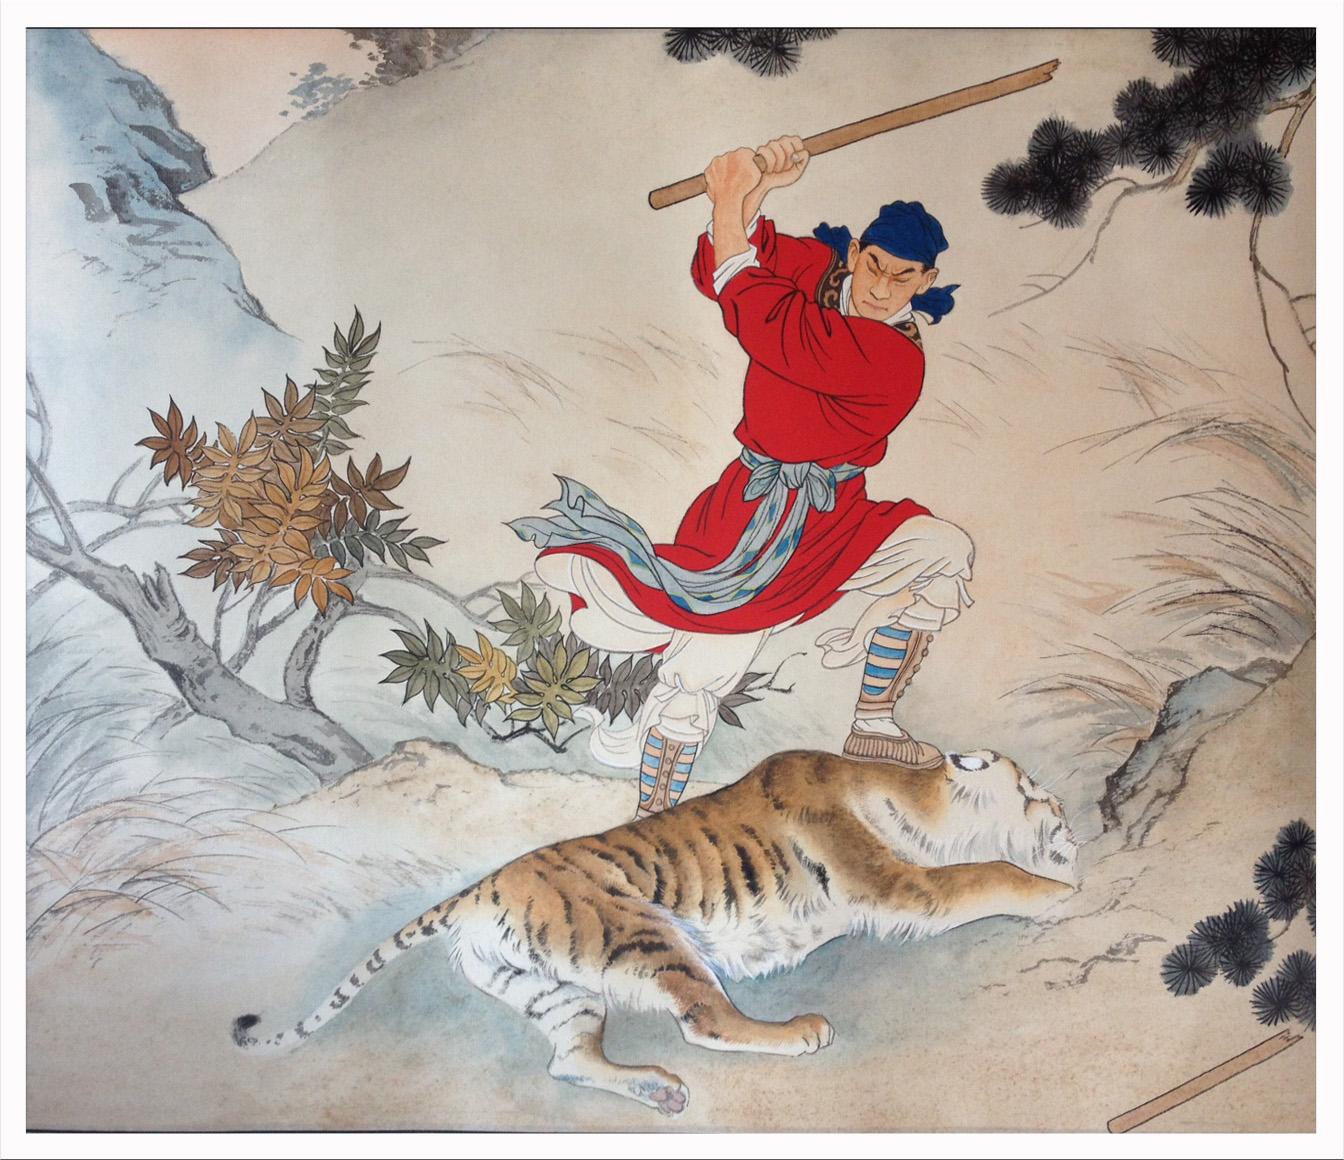 武松彩铅手绘